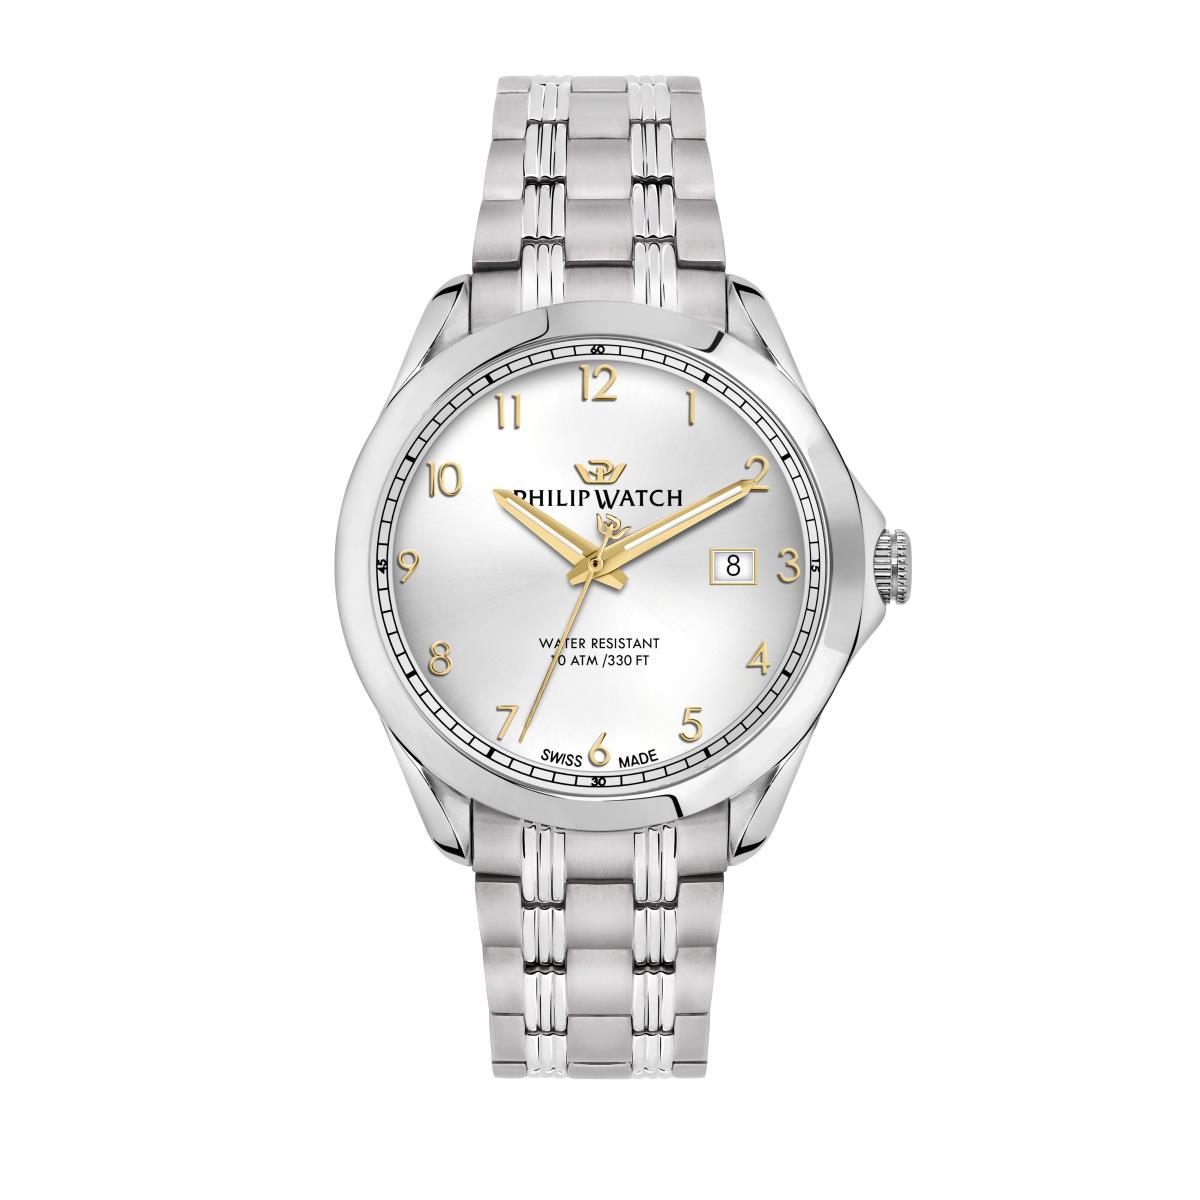 Orologio Philip Watch - Blaze Ref. R8253165006 - PHILIP WATCH